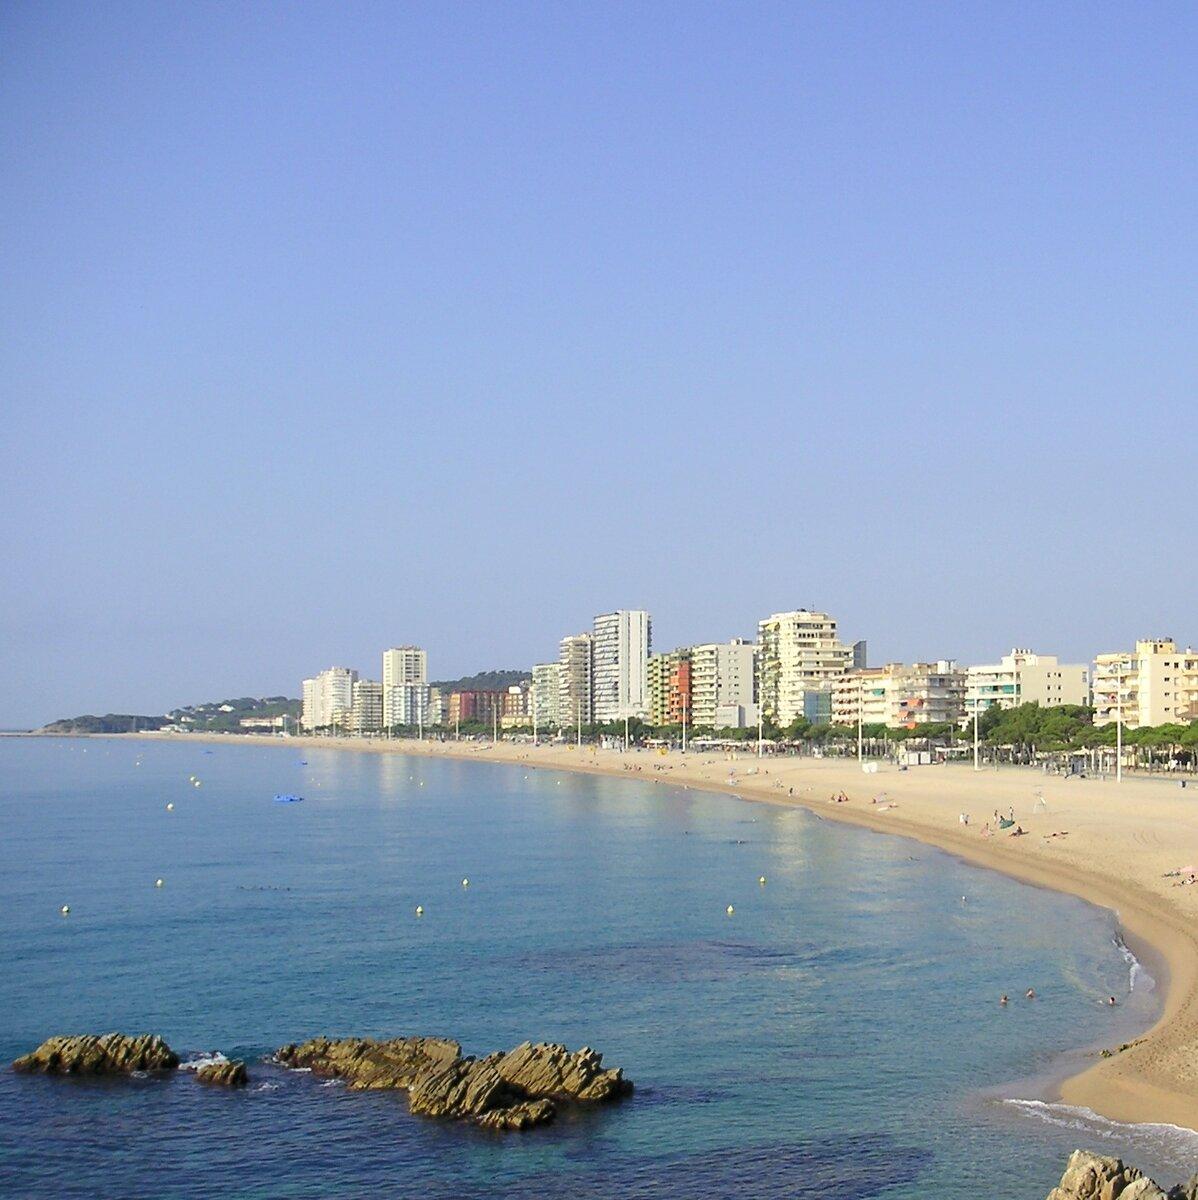 Северо-Восточная Испания (Коста-Брава) летом (август). Все фото автора.